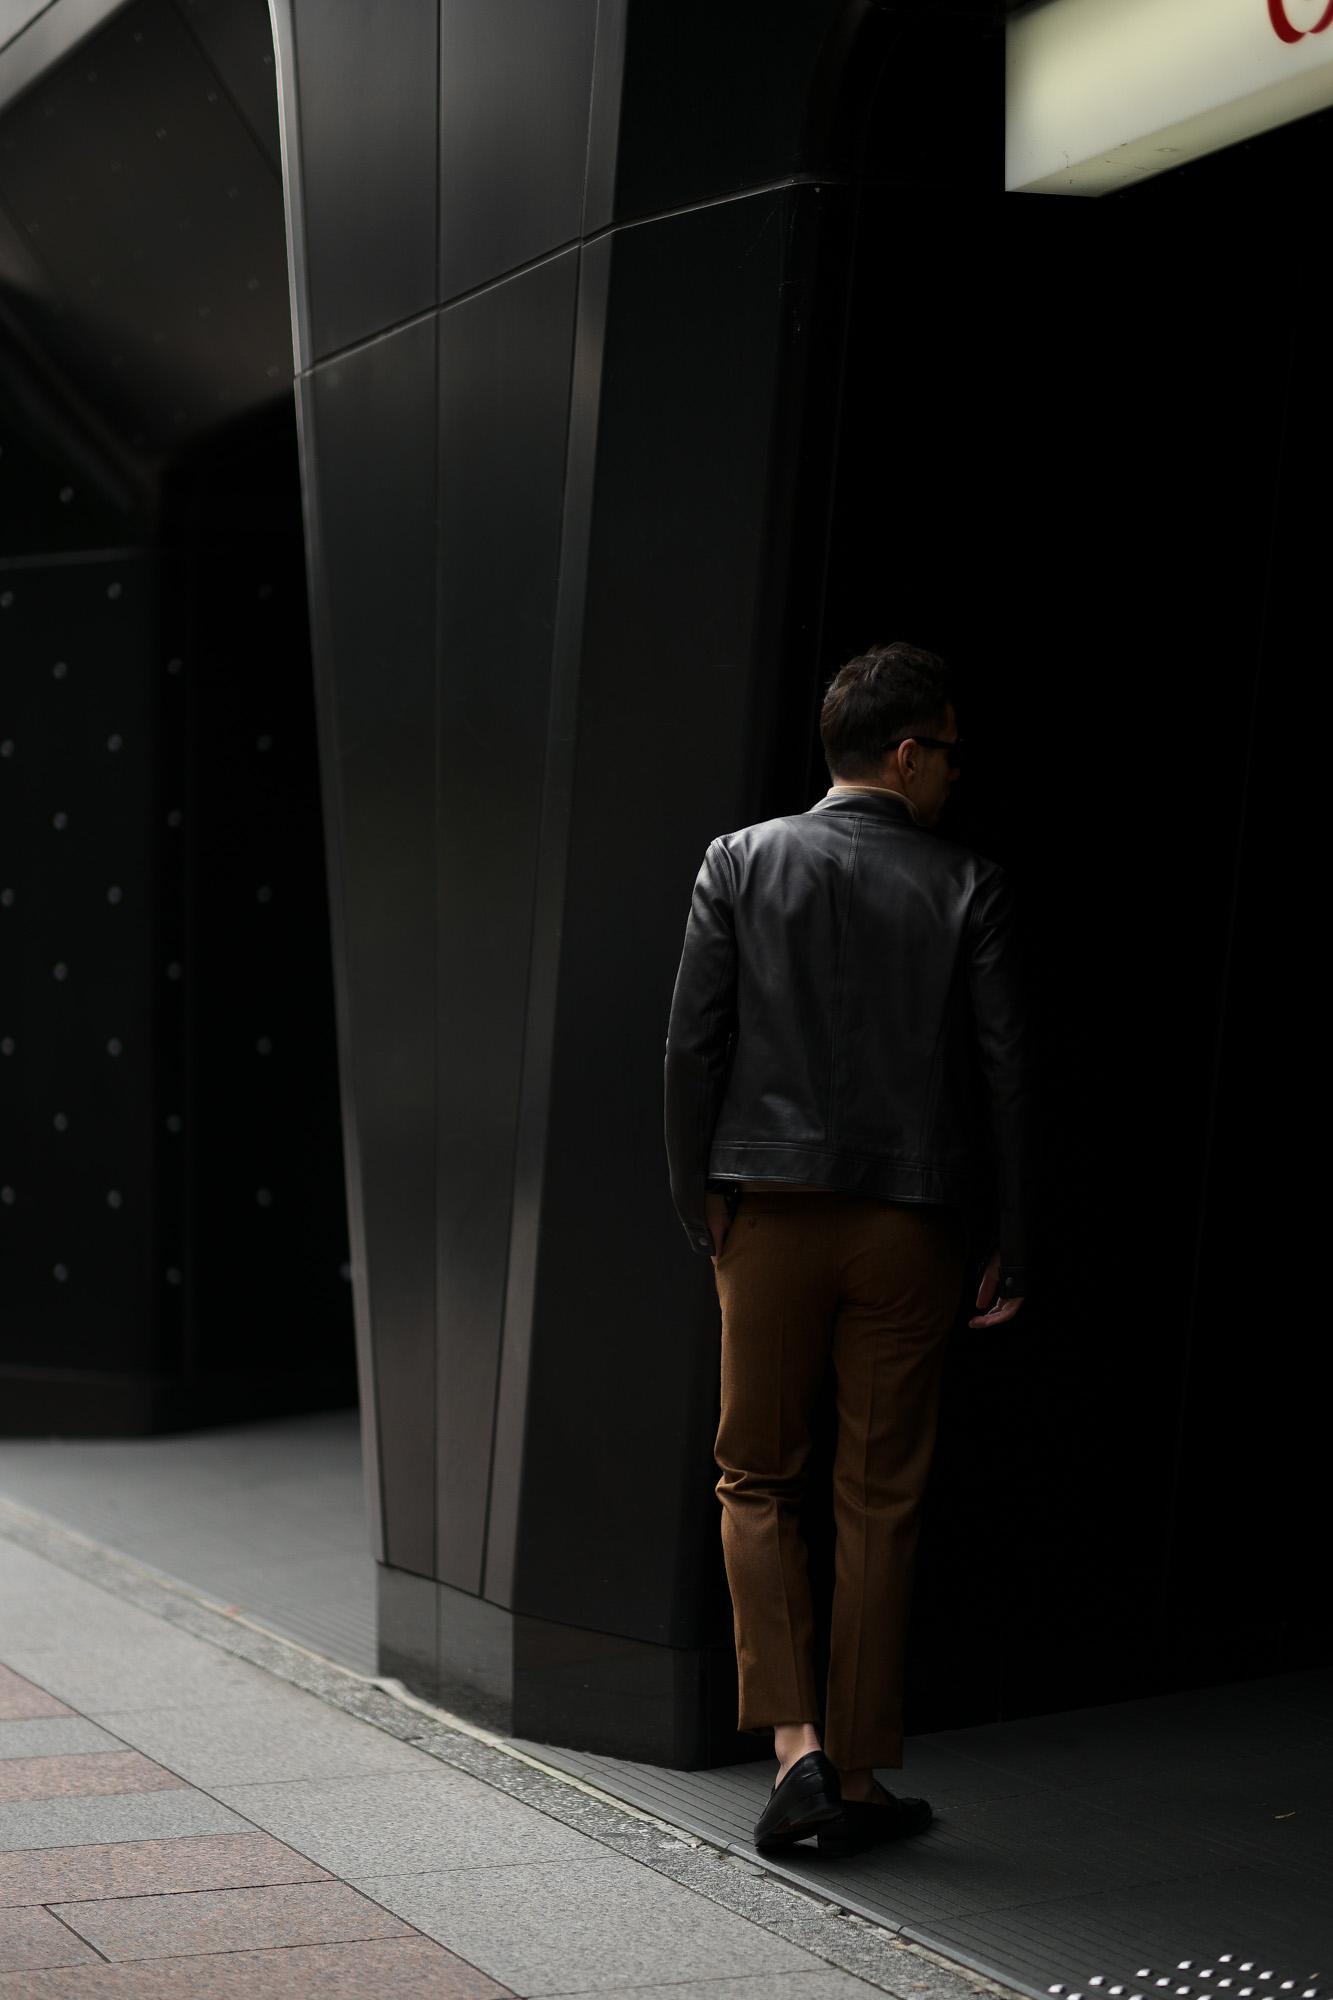 EMMETI(エンメティ) JURI(ユリ) Lambskin nappa Leather シングルライダース レザージャケット NERO (ブラック) made in italy (イタリア製) 2019 春夏【2019春夏第1便入荷しました】【2019春夏フリー分販売開始】愛知 alto e diritto アルトエデリット altoediritto 干場さん 干場着 ユーリ